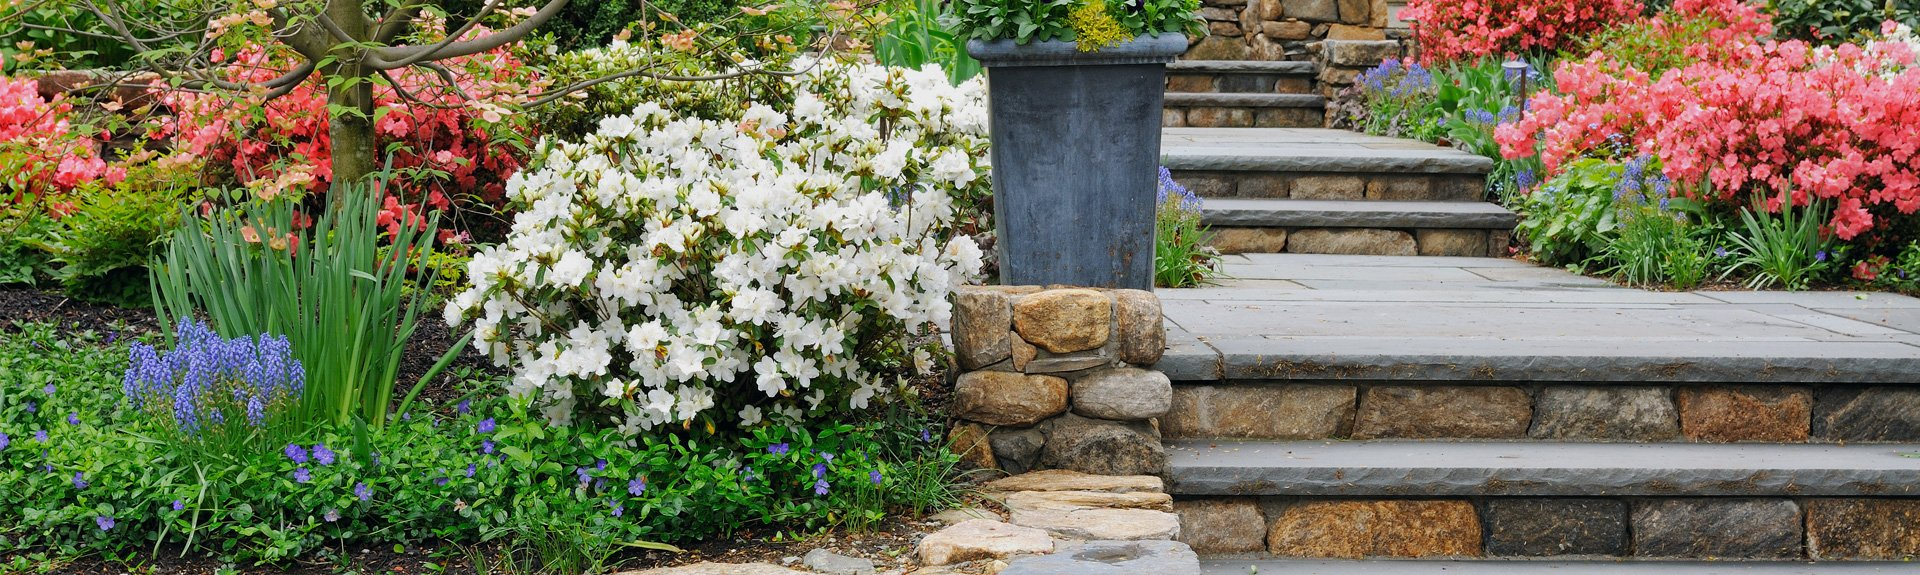 Regular gardening services in nottingham jepson for Garden design nottingham